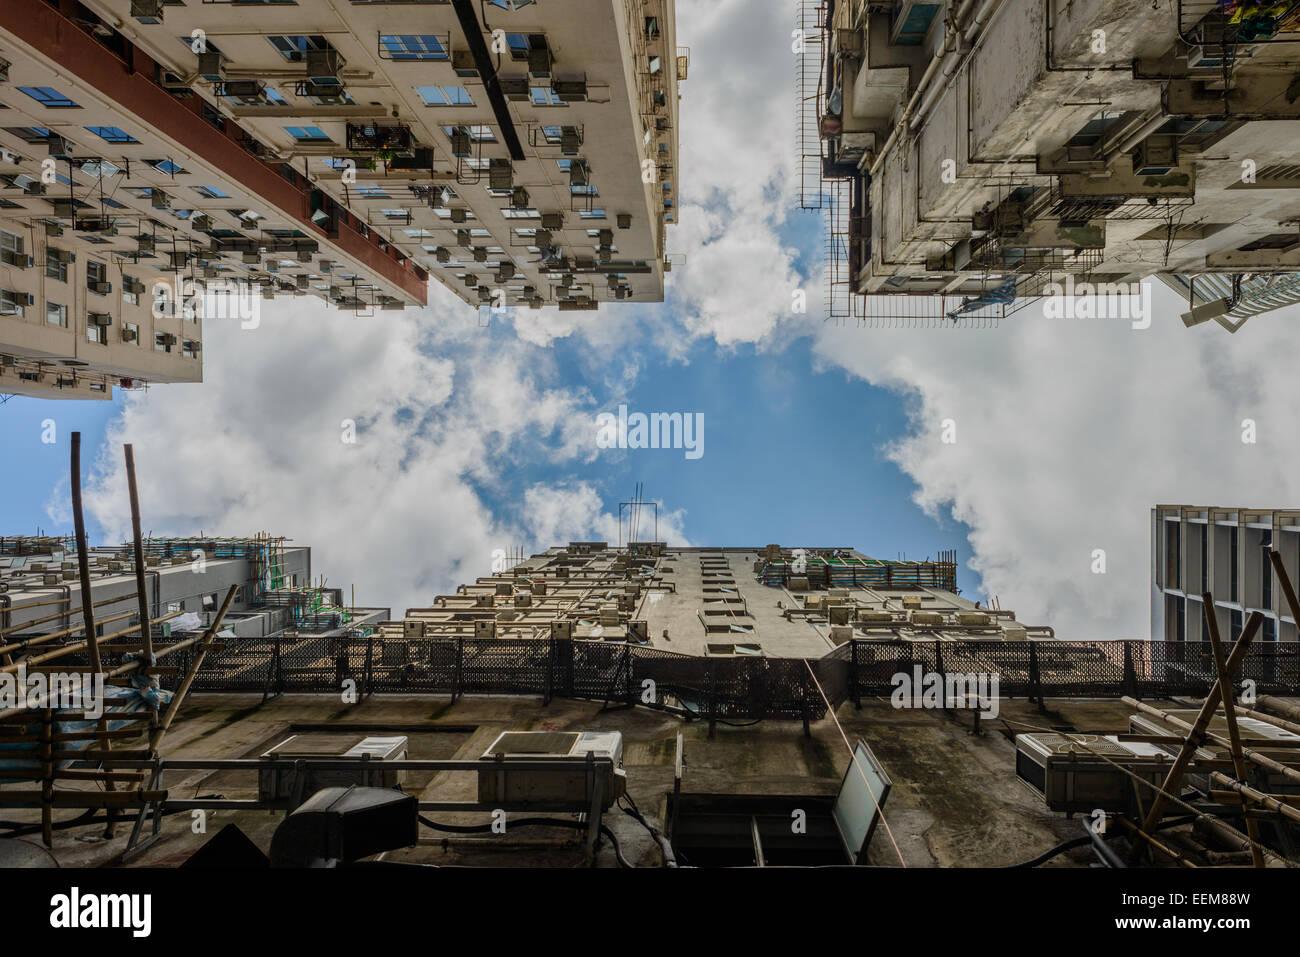 Hongkong, Low angle view of Chungking Mansions - Stock Image